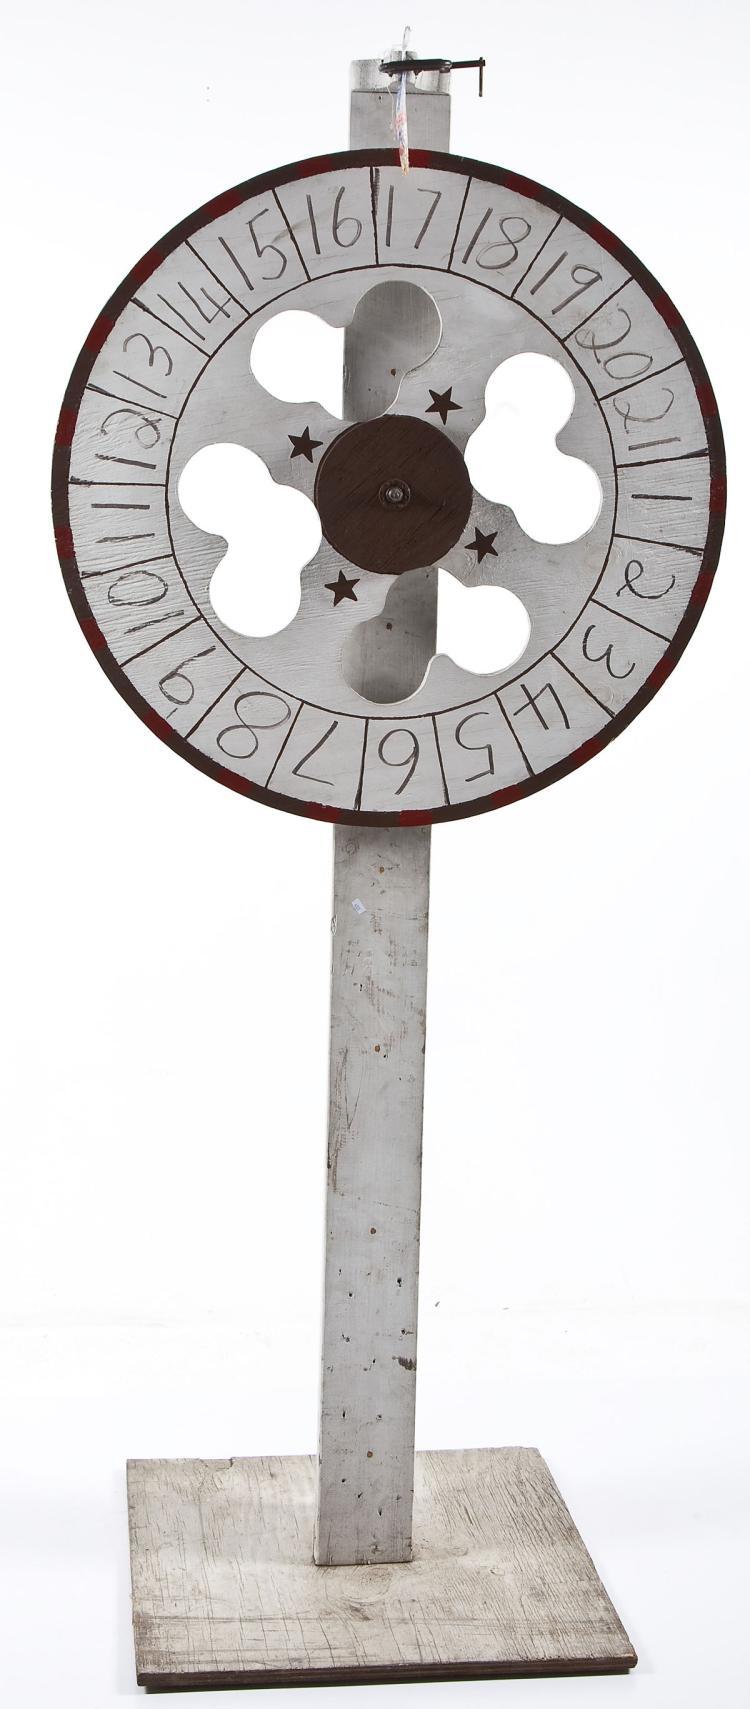 Carnival Roulette Wheel